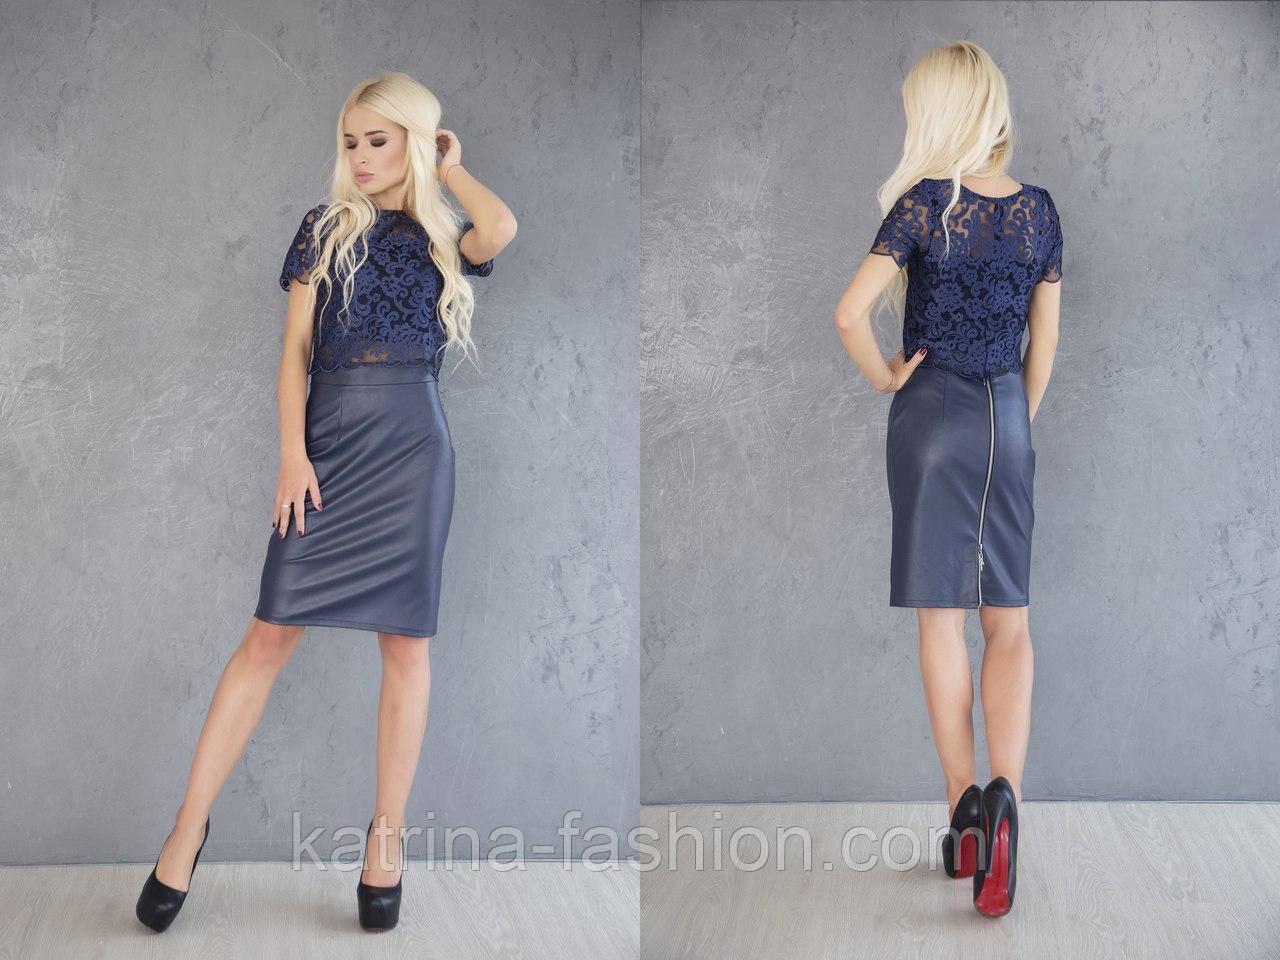 Женский нарядный комплект-двойка: кружевной топ и юбка из эко-кожи (2 цвета)